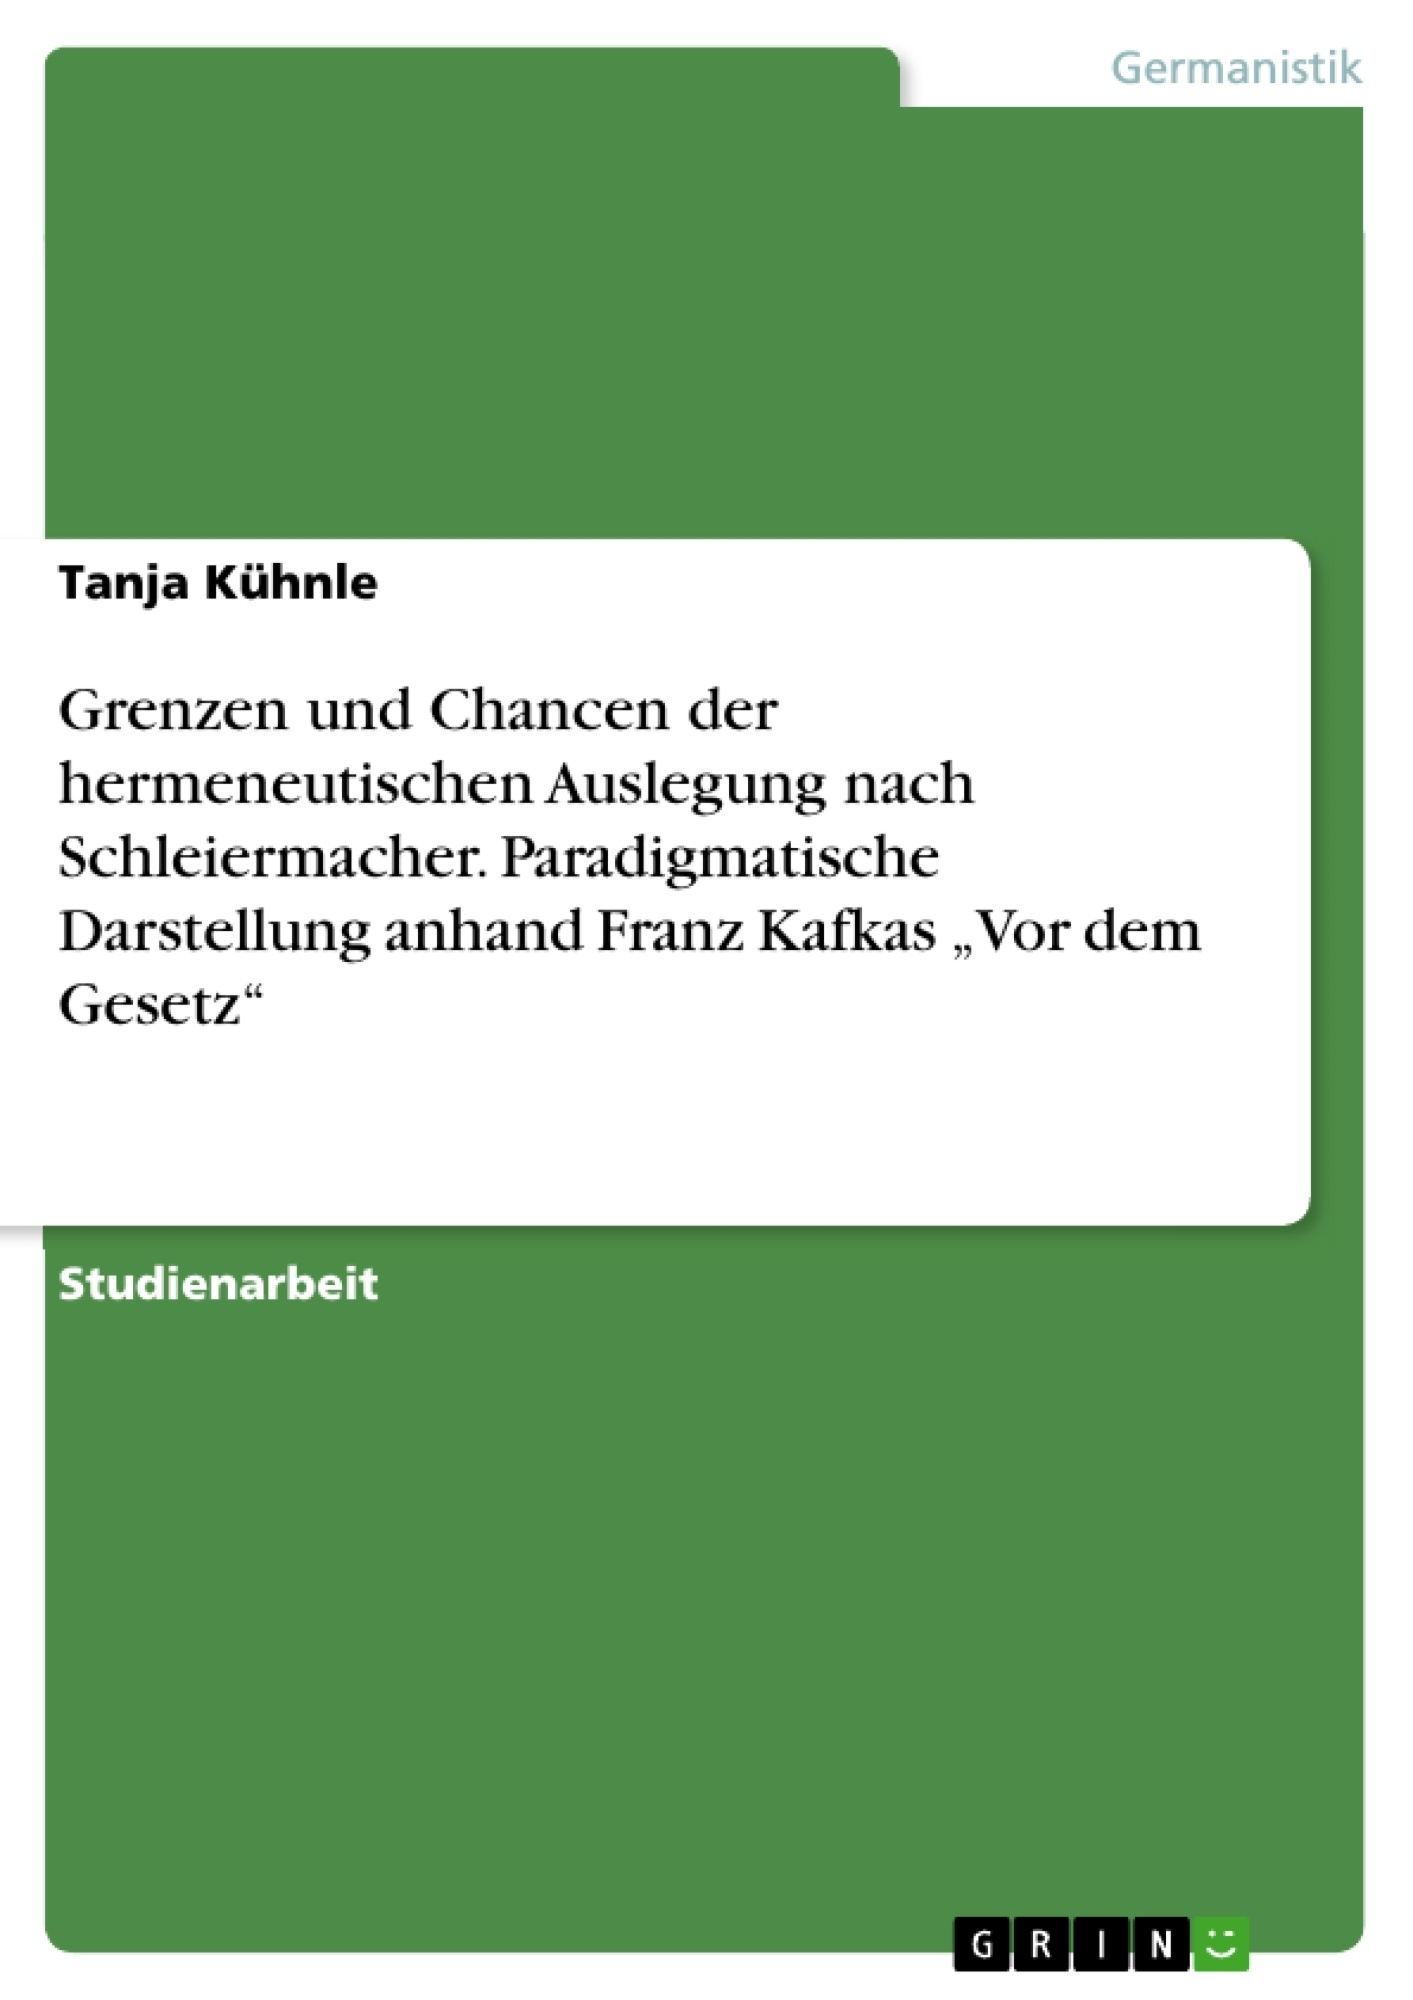 """Titel: Grenzen und Chancen der hermeneutischen Auslegung nach Schleiermacher. Paradigmatische Darstellung anhand Franz Kafkas """"Vor dem Gesetz"""""""